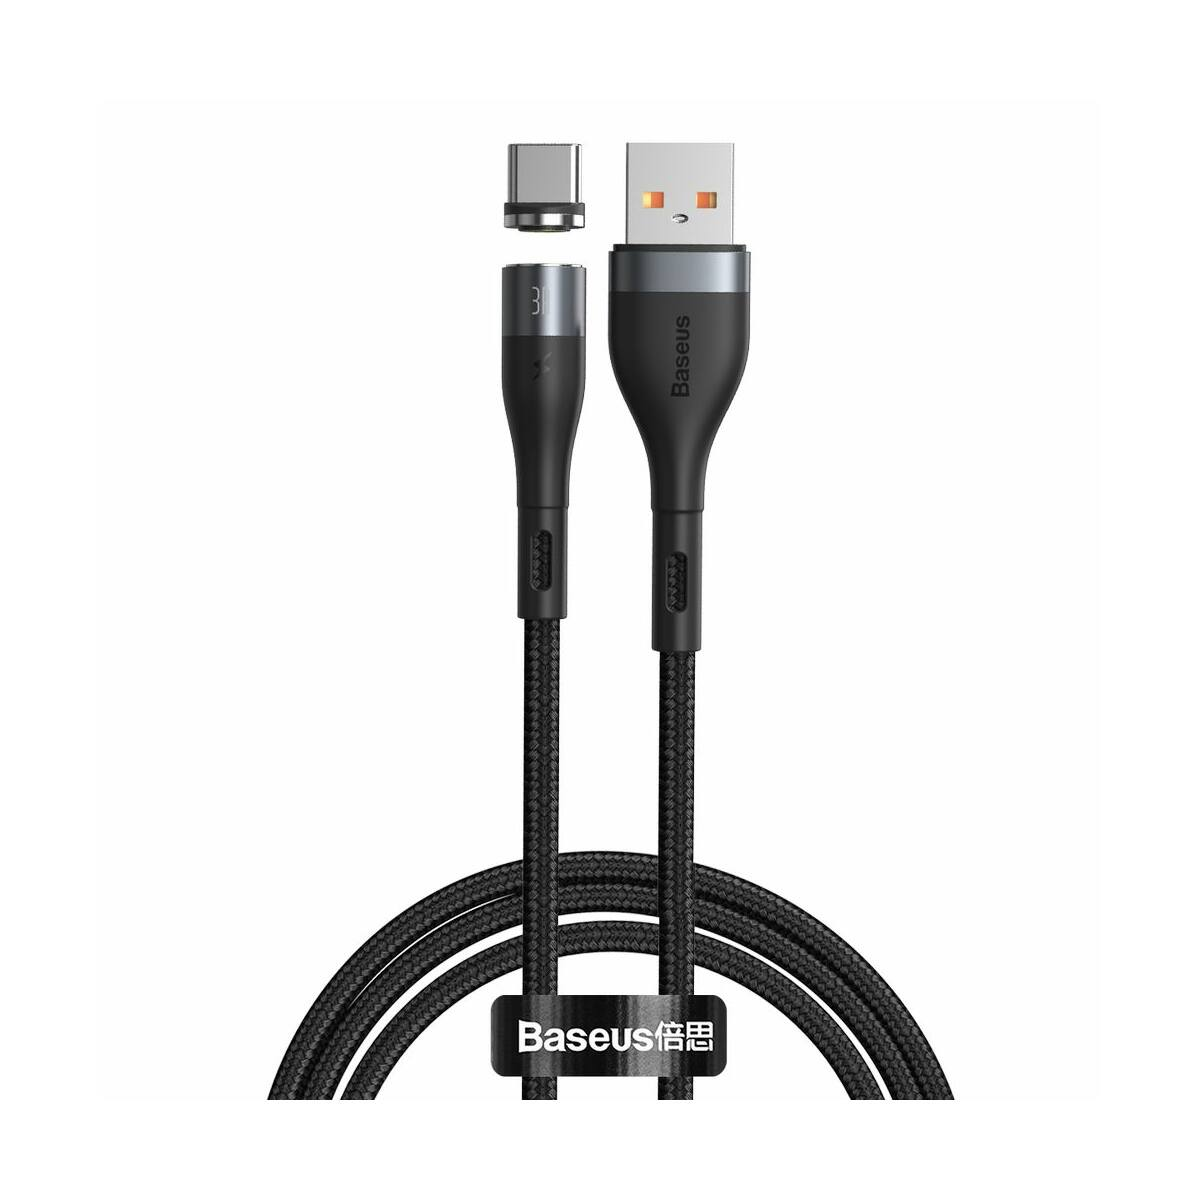 Baseus Type-C Mágnessel csatlakozó töltő kábel, 3A, 1m, fekete/szürke (CATXC-MG1)